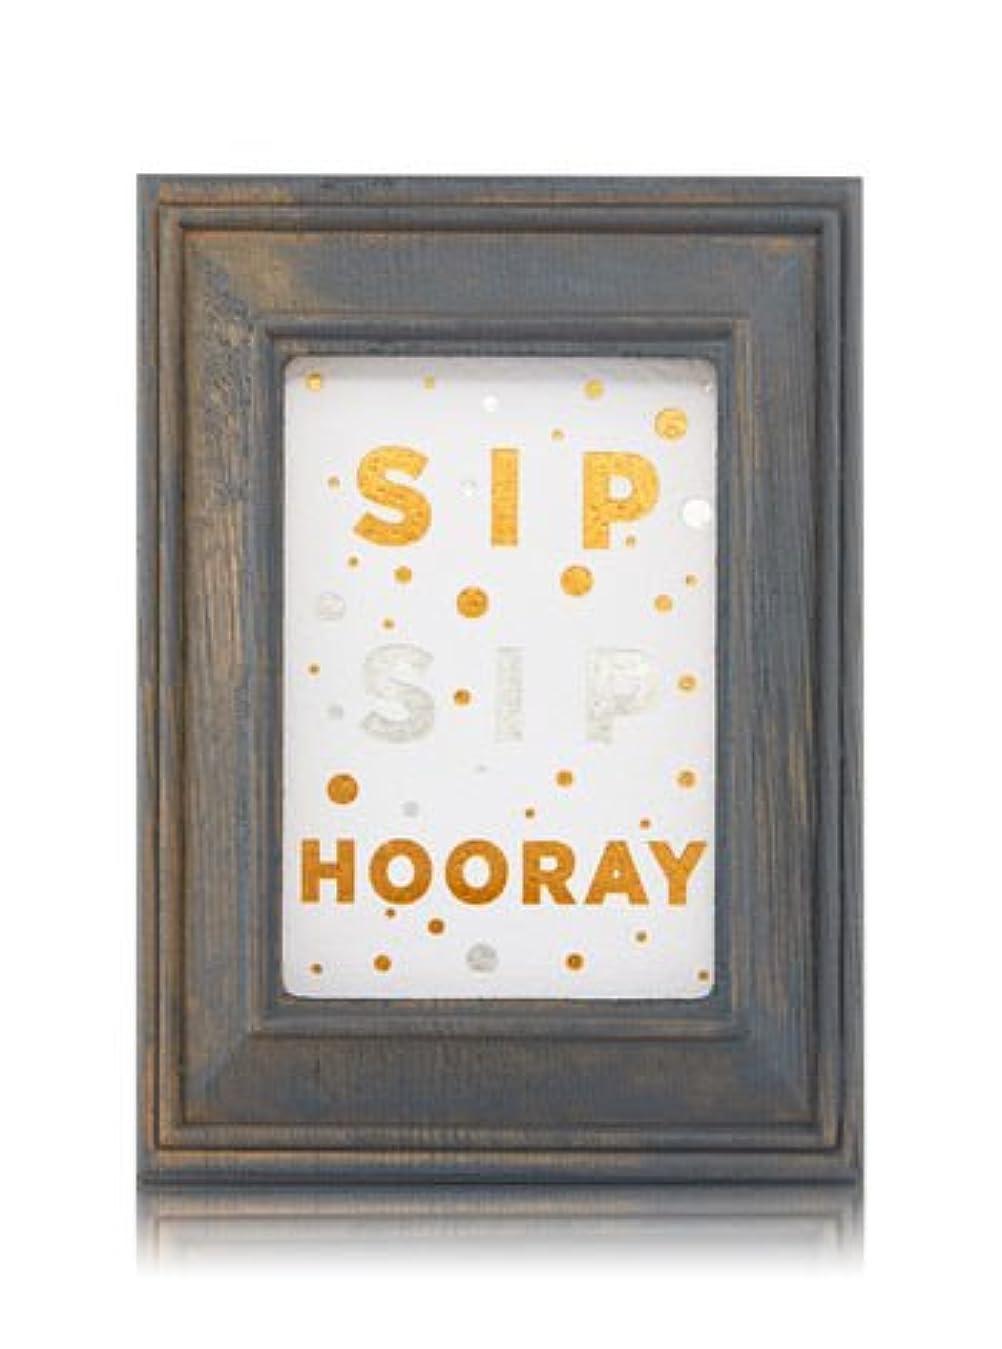 ライオン今まで仕方【Bath&Body Works/バス&ボディワークス】 ルームフレグランス プラグインスターター (本体のみ) ウッドフレーム ゴールド シルバー Wallflowers Fragrance Plug Wooden Sip Sip Hooray Frame [並行輸入品]